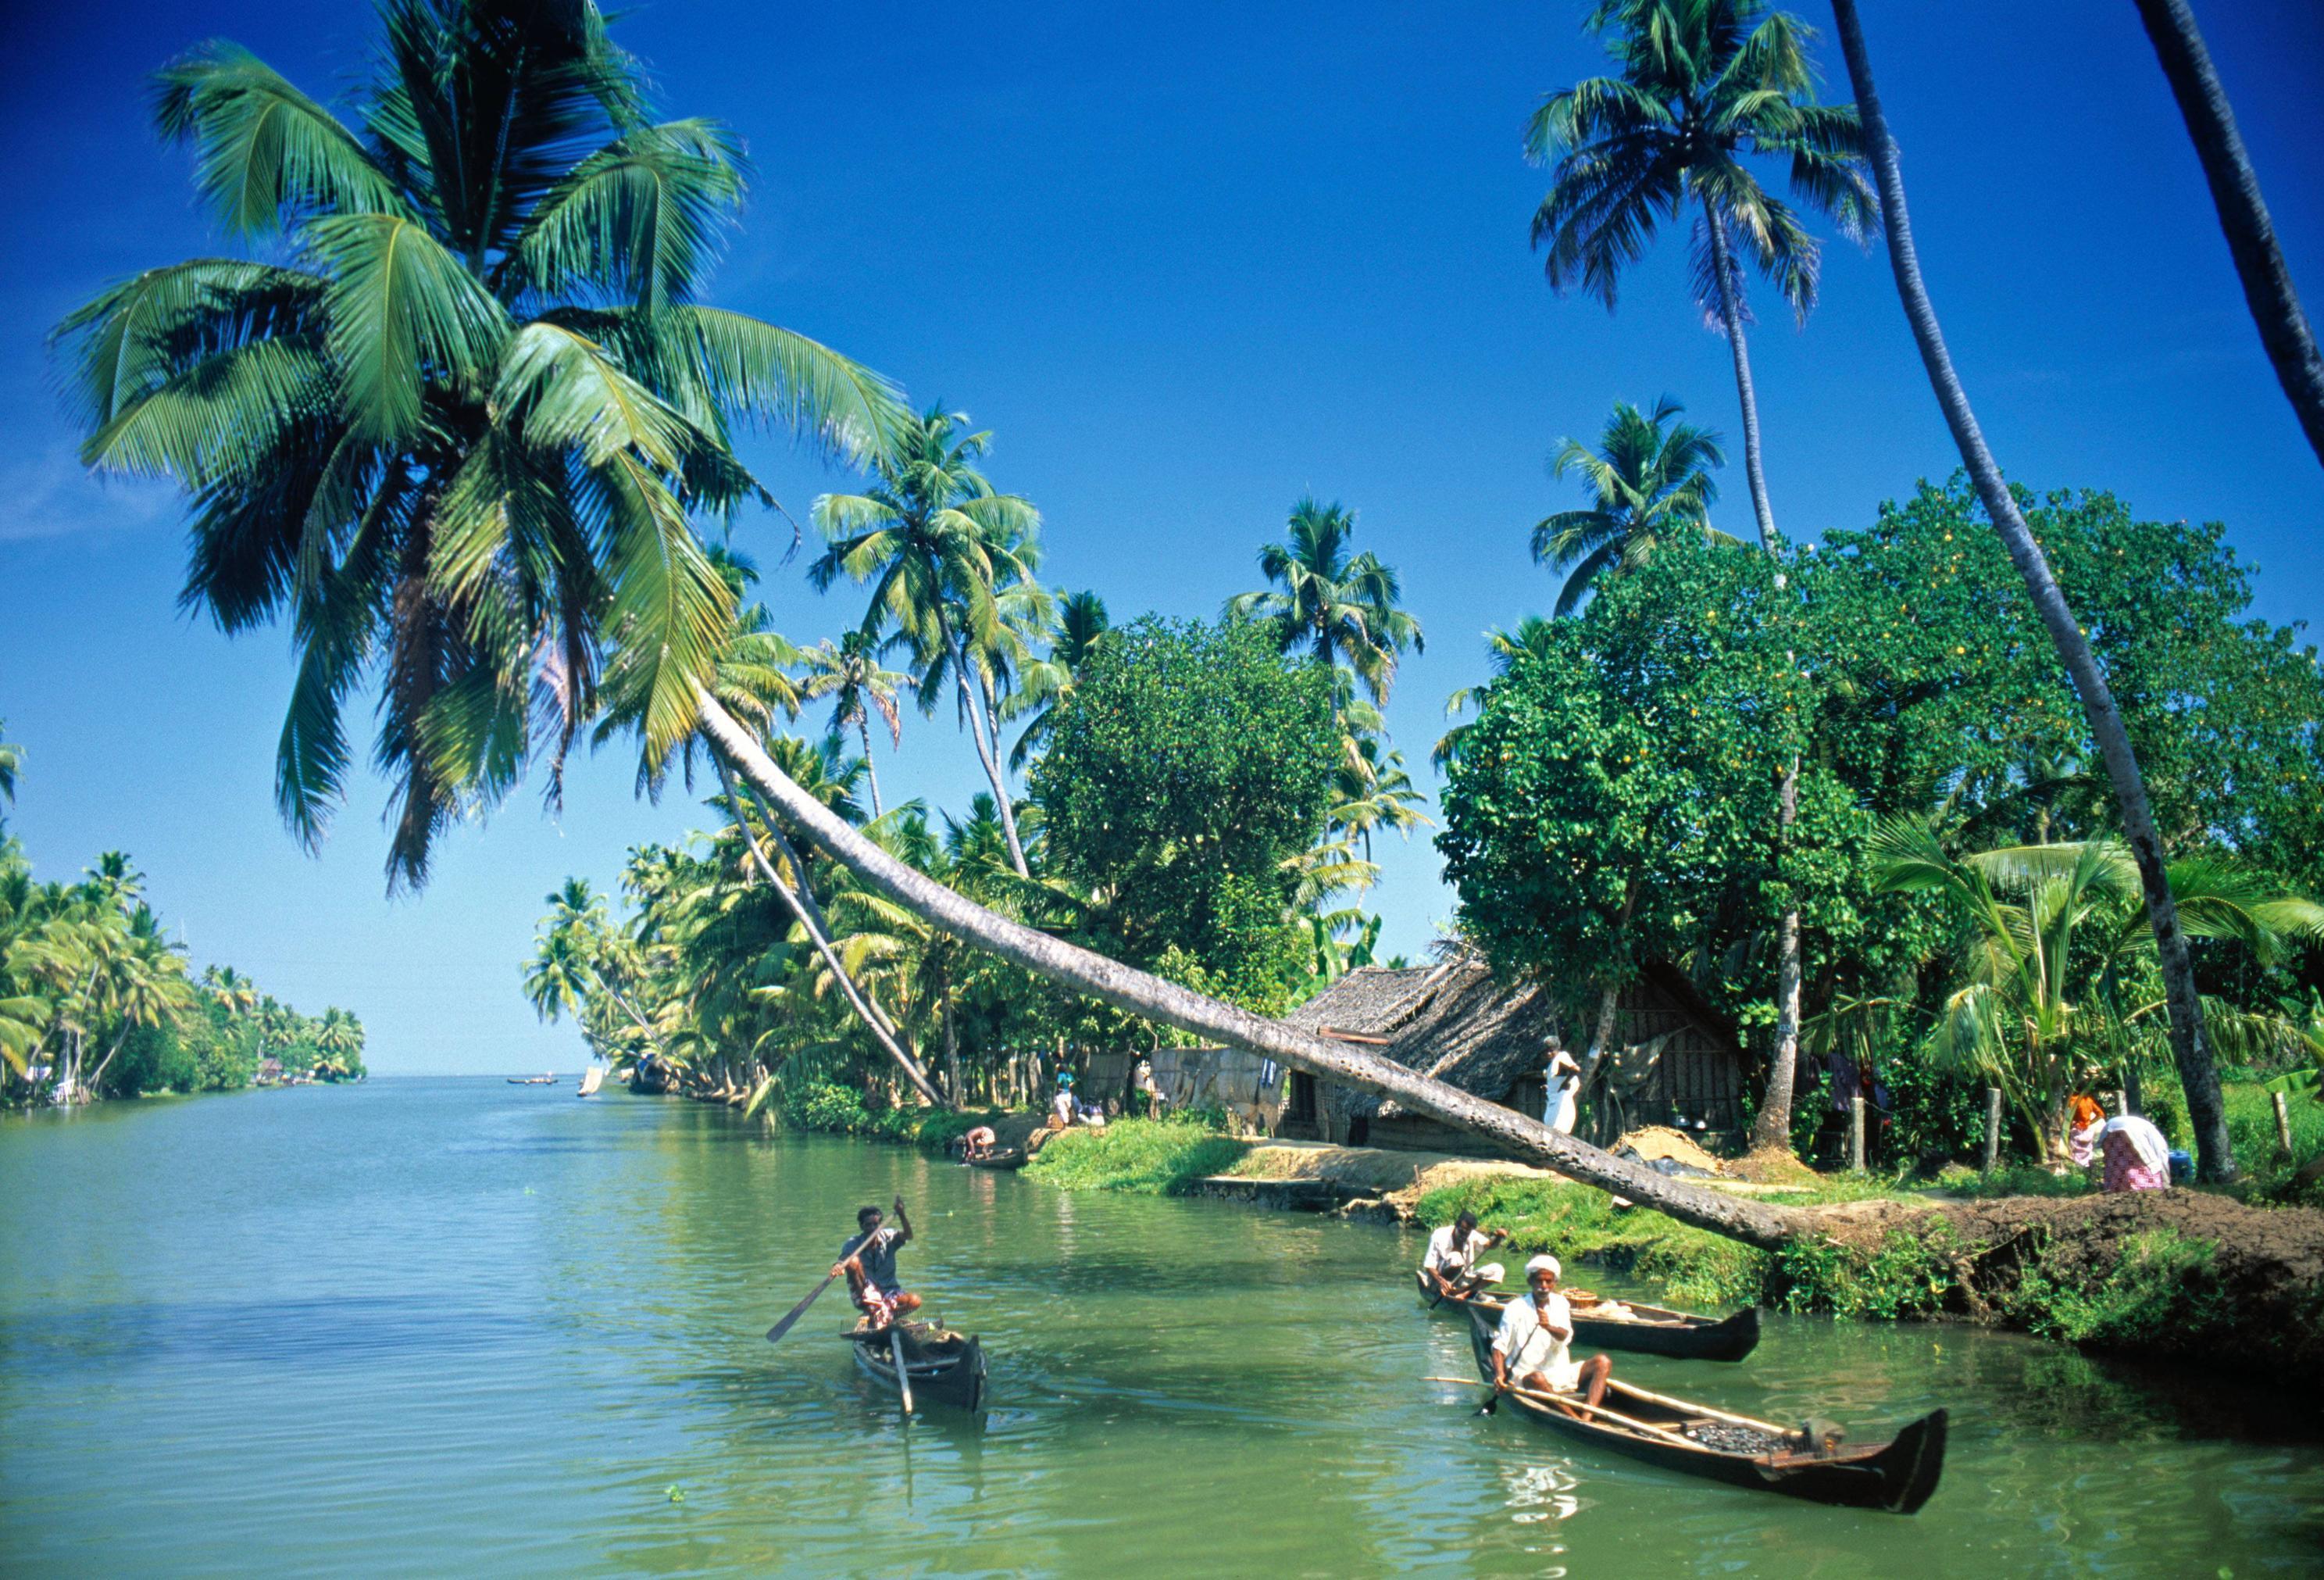 Керала индия отзывы туристов самостоятельно